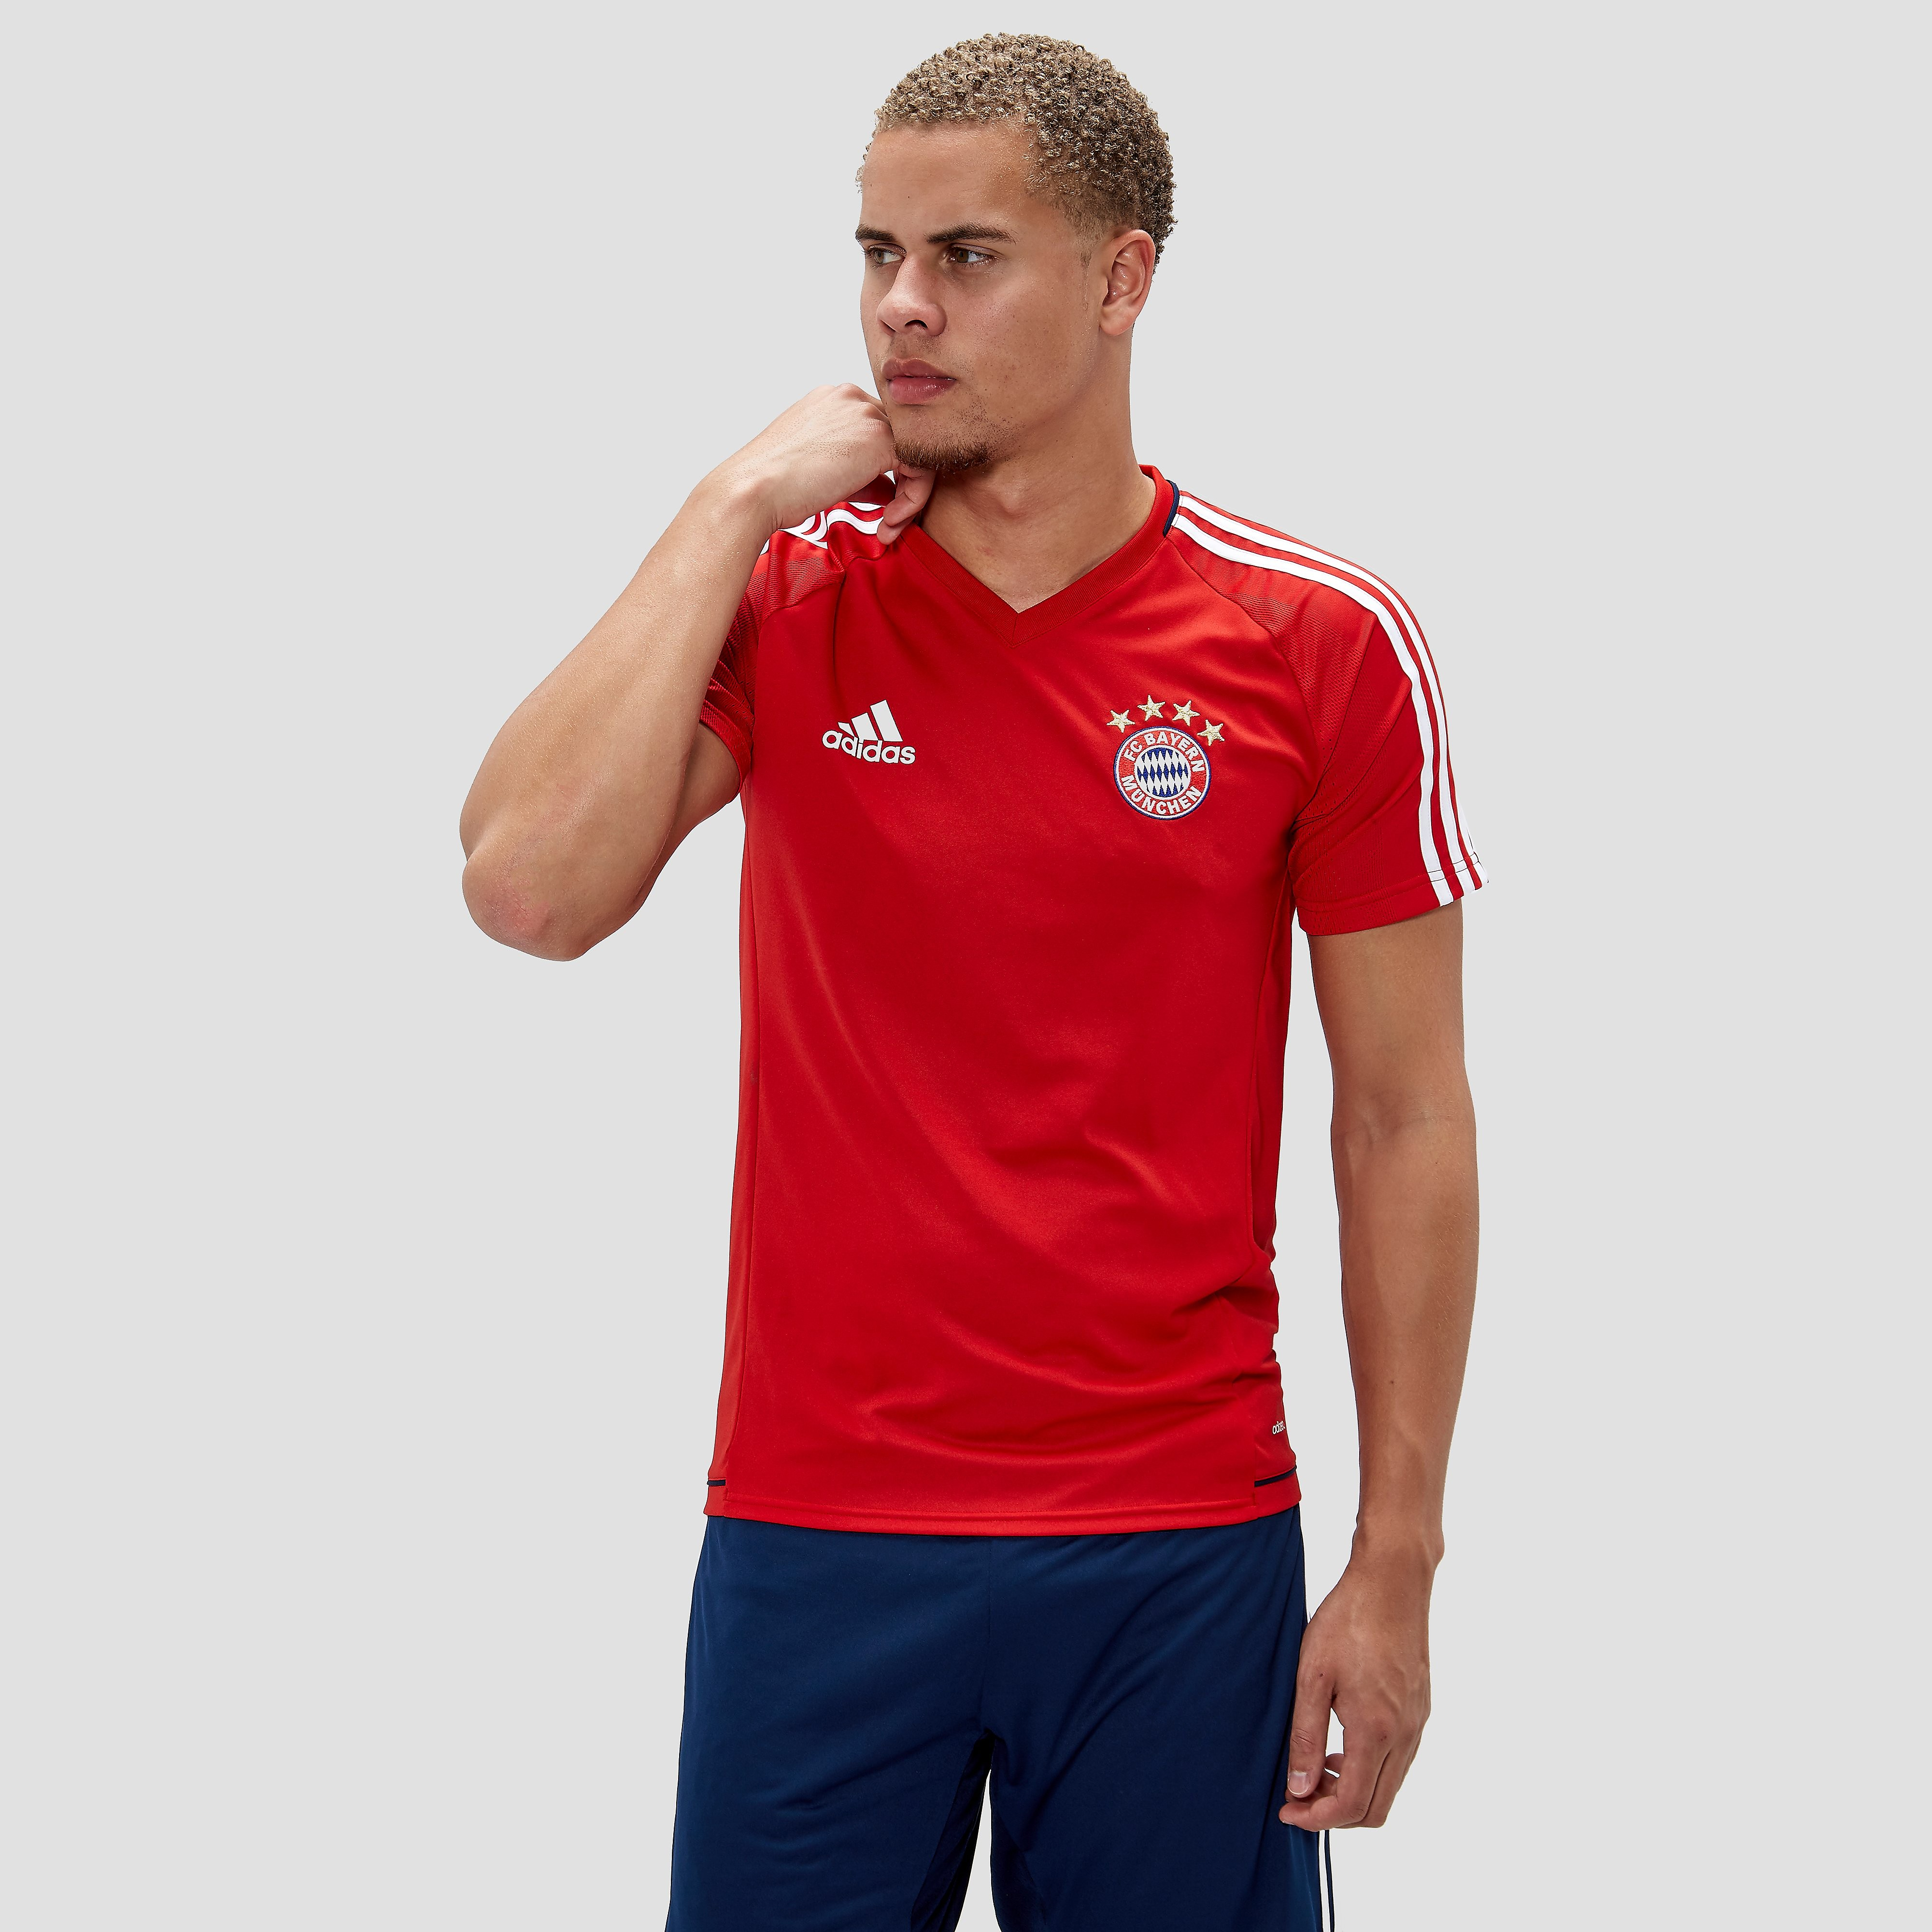 ADIDAS FC BAYERN MÜNCHEN TRAININGSSHIRT 17/18 ROOD/WIT HEREN